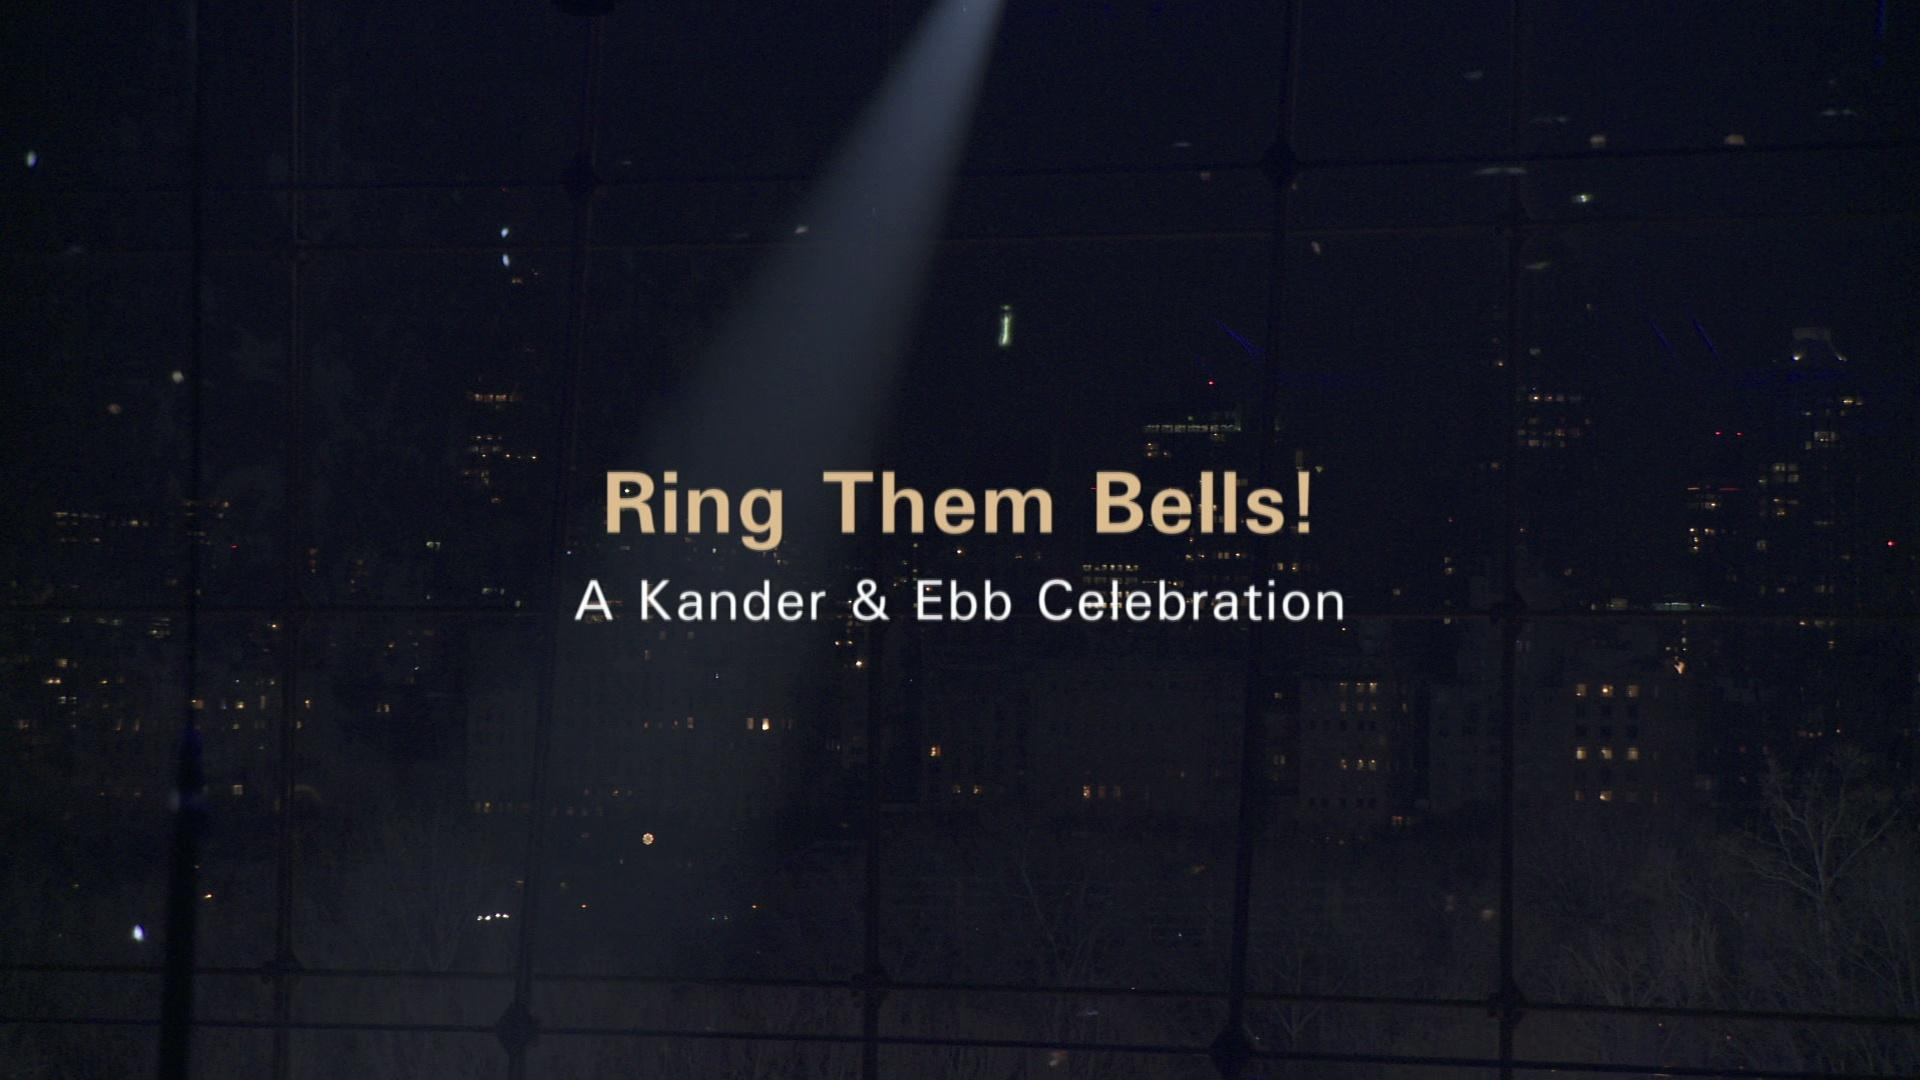 Ring Them Bells! A Kander & Ebb Celebration image